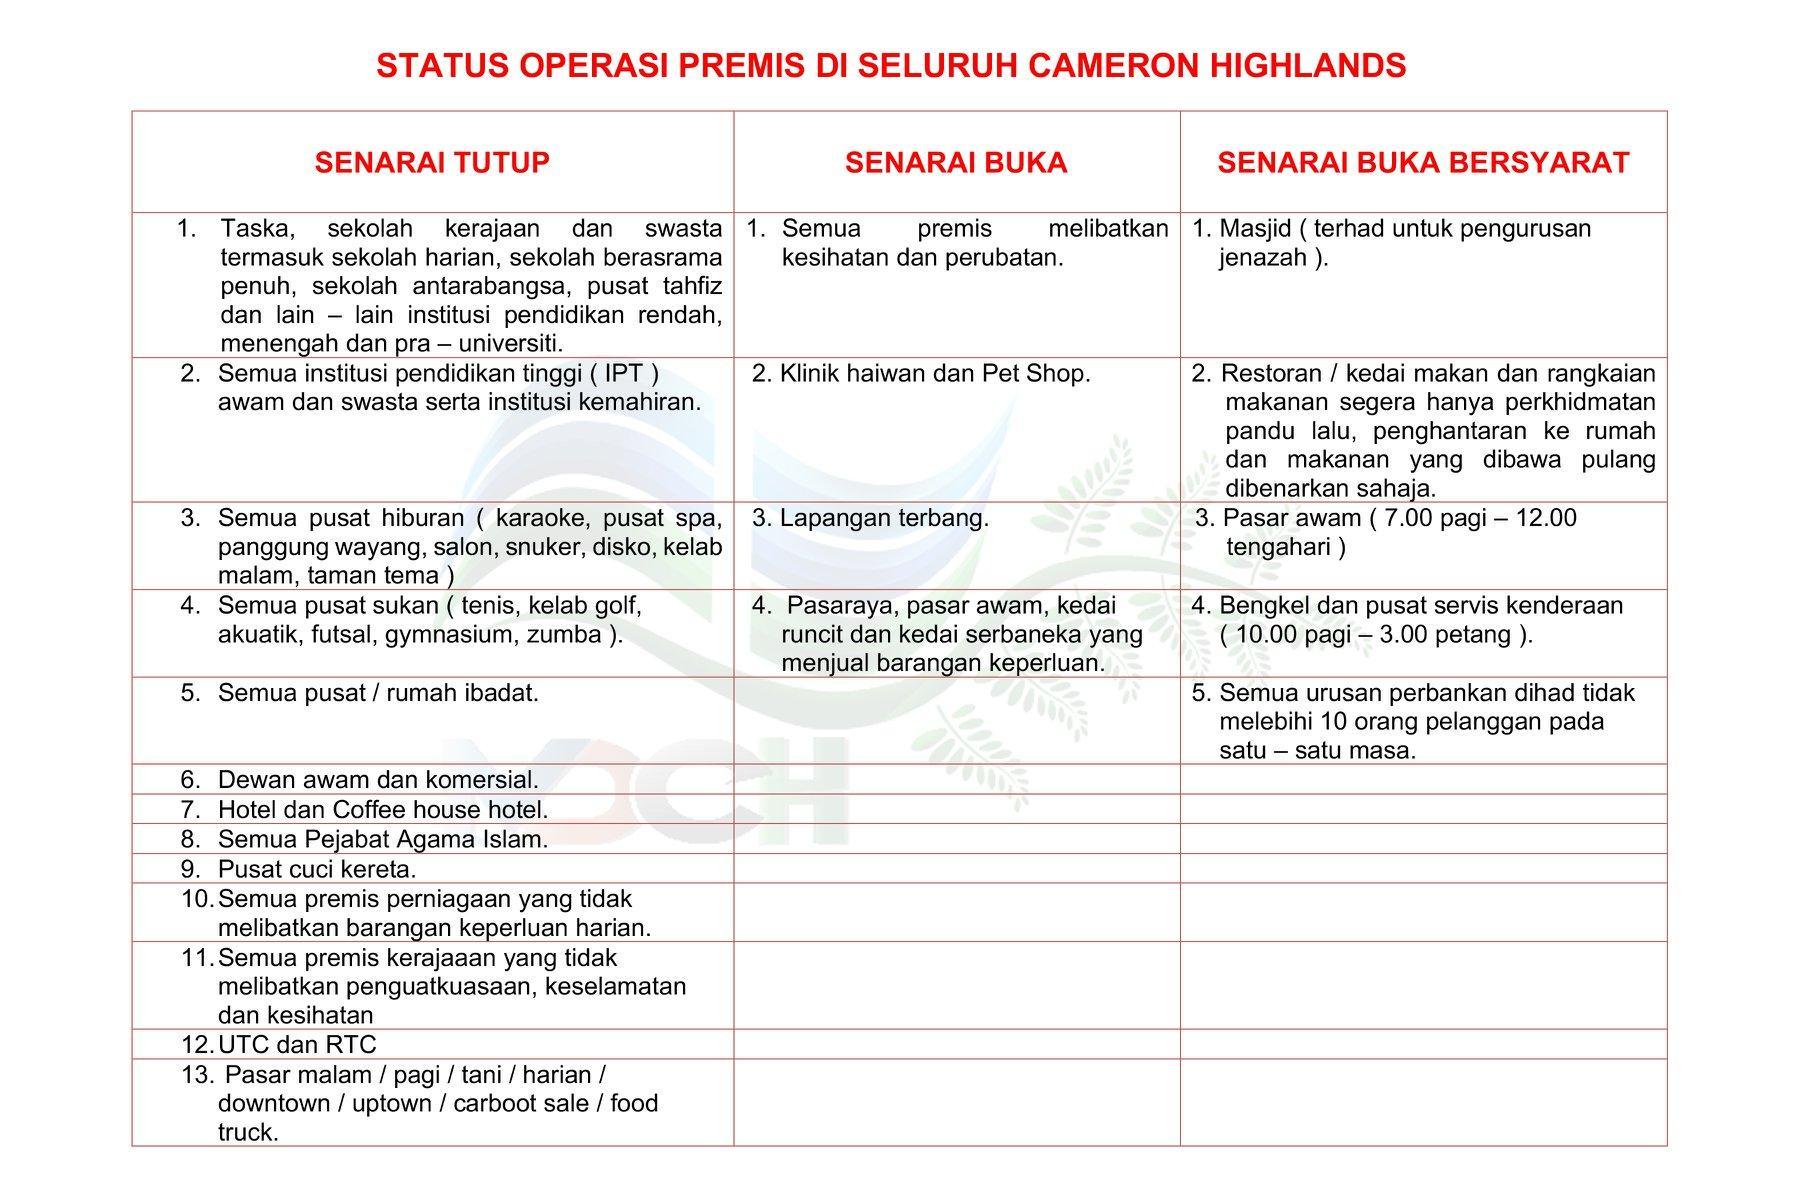 STATUS OPERASI PREMIS DI SELURUH CAMERON HIGHLANDS